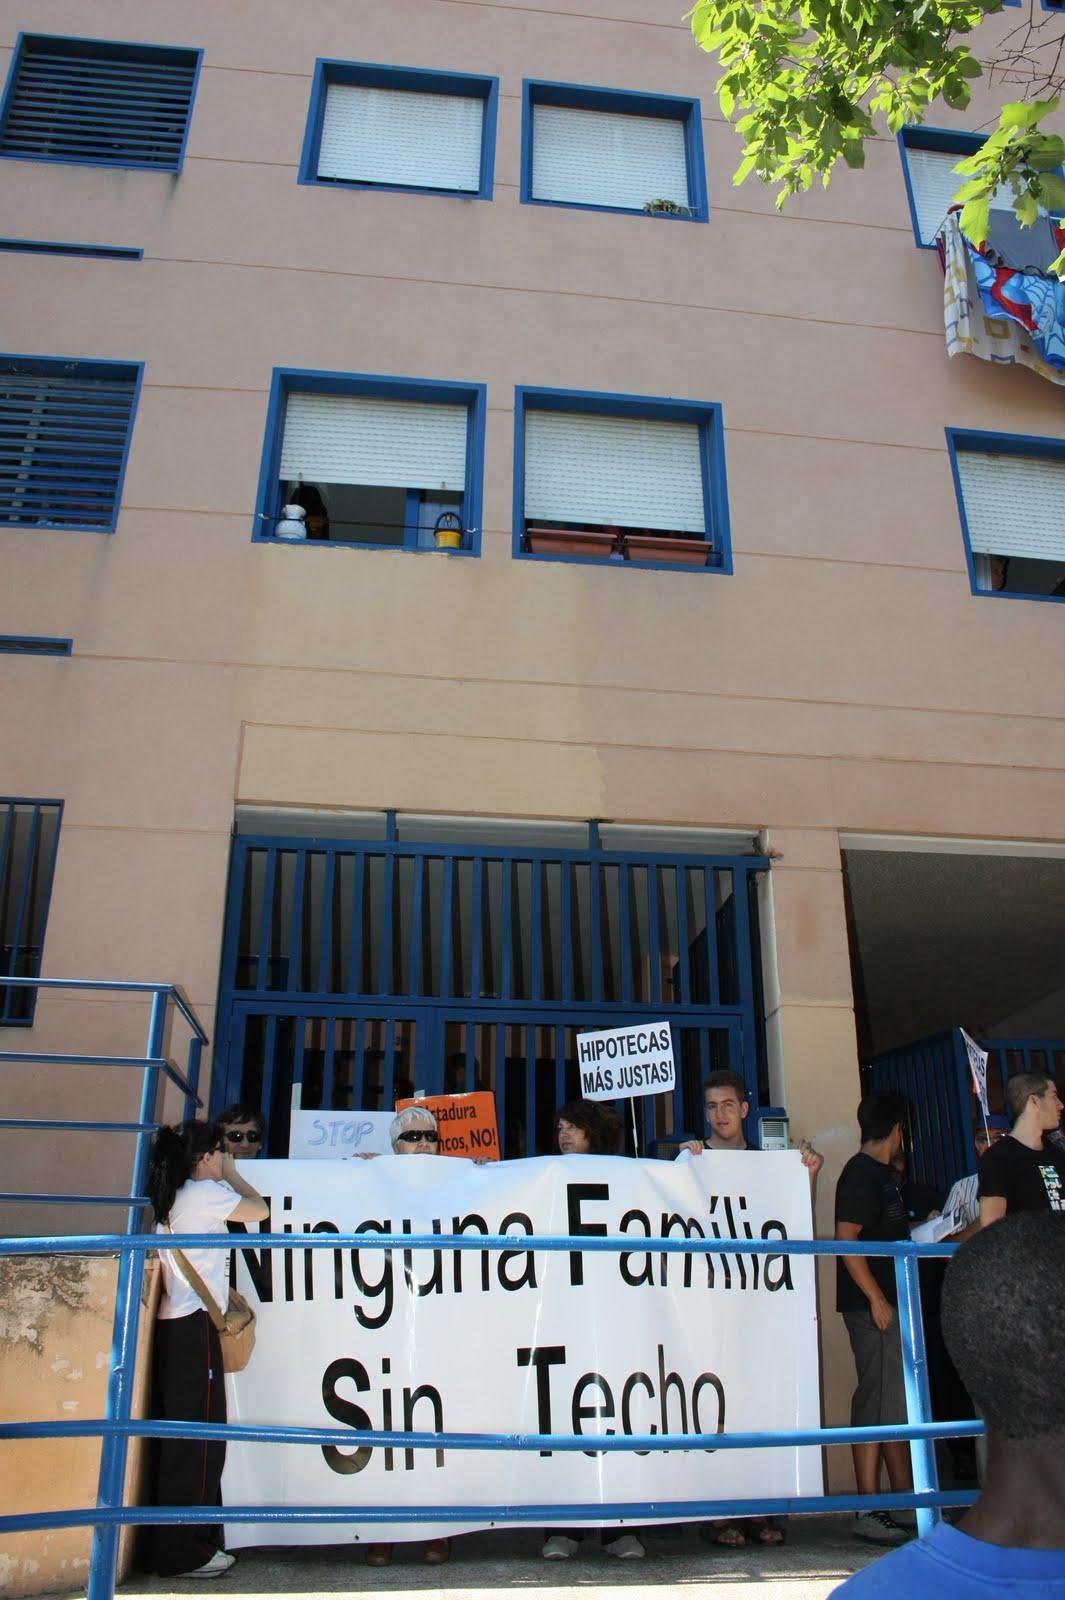 La asamblea 15m legan s intentar frenar otro desahucio en un piso del ivima este lunes 18 - Pisos de bancos en leganes ...